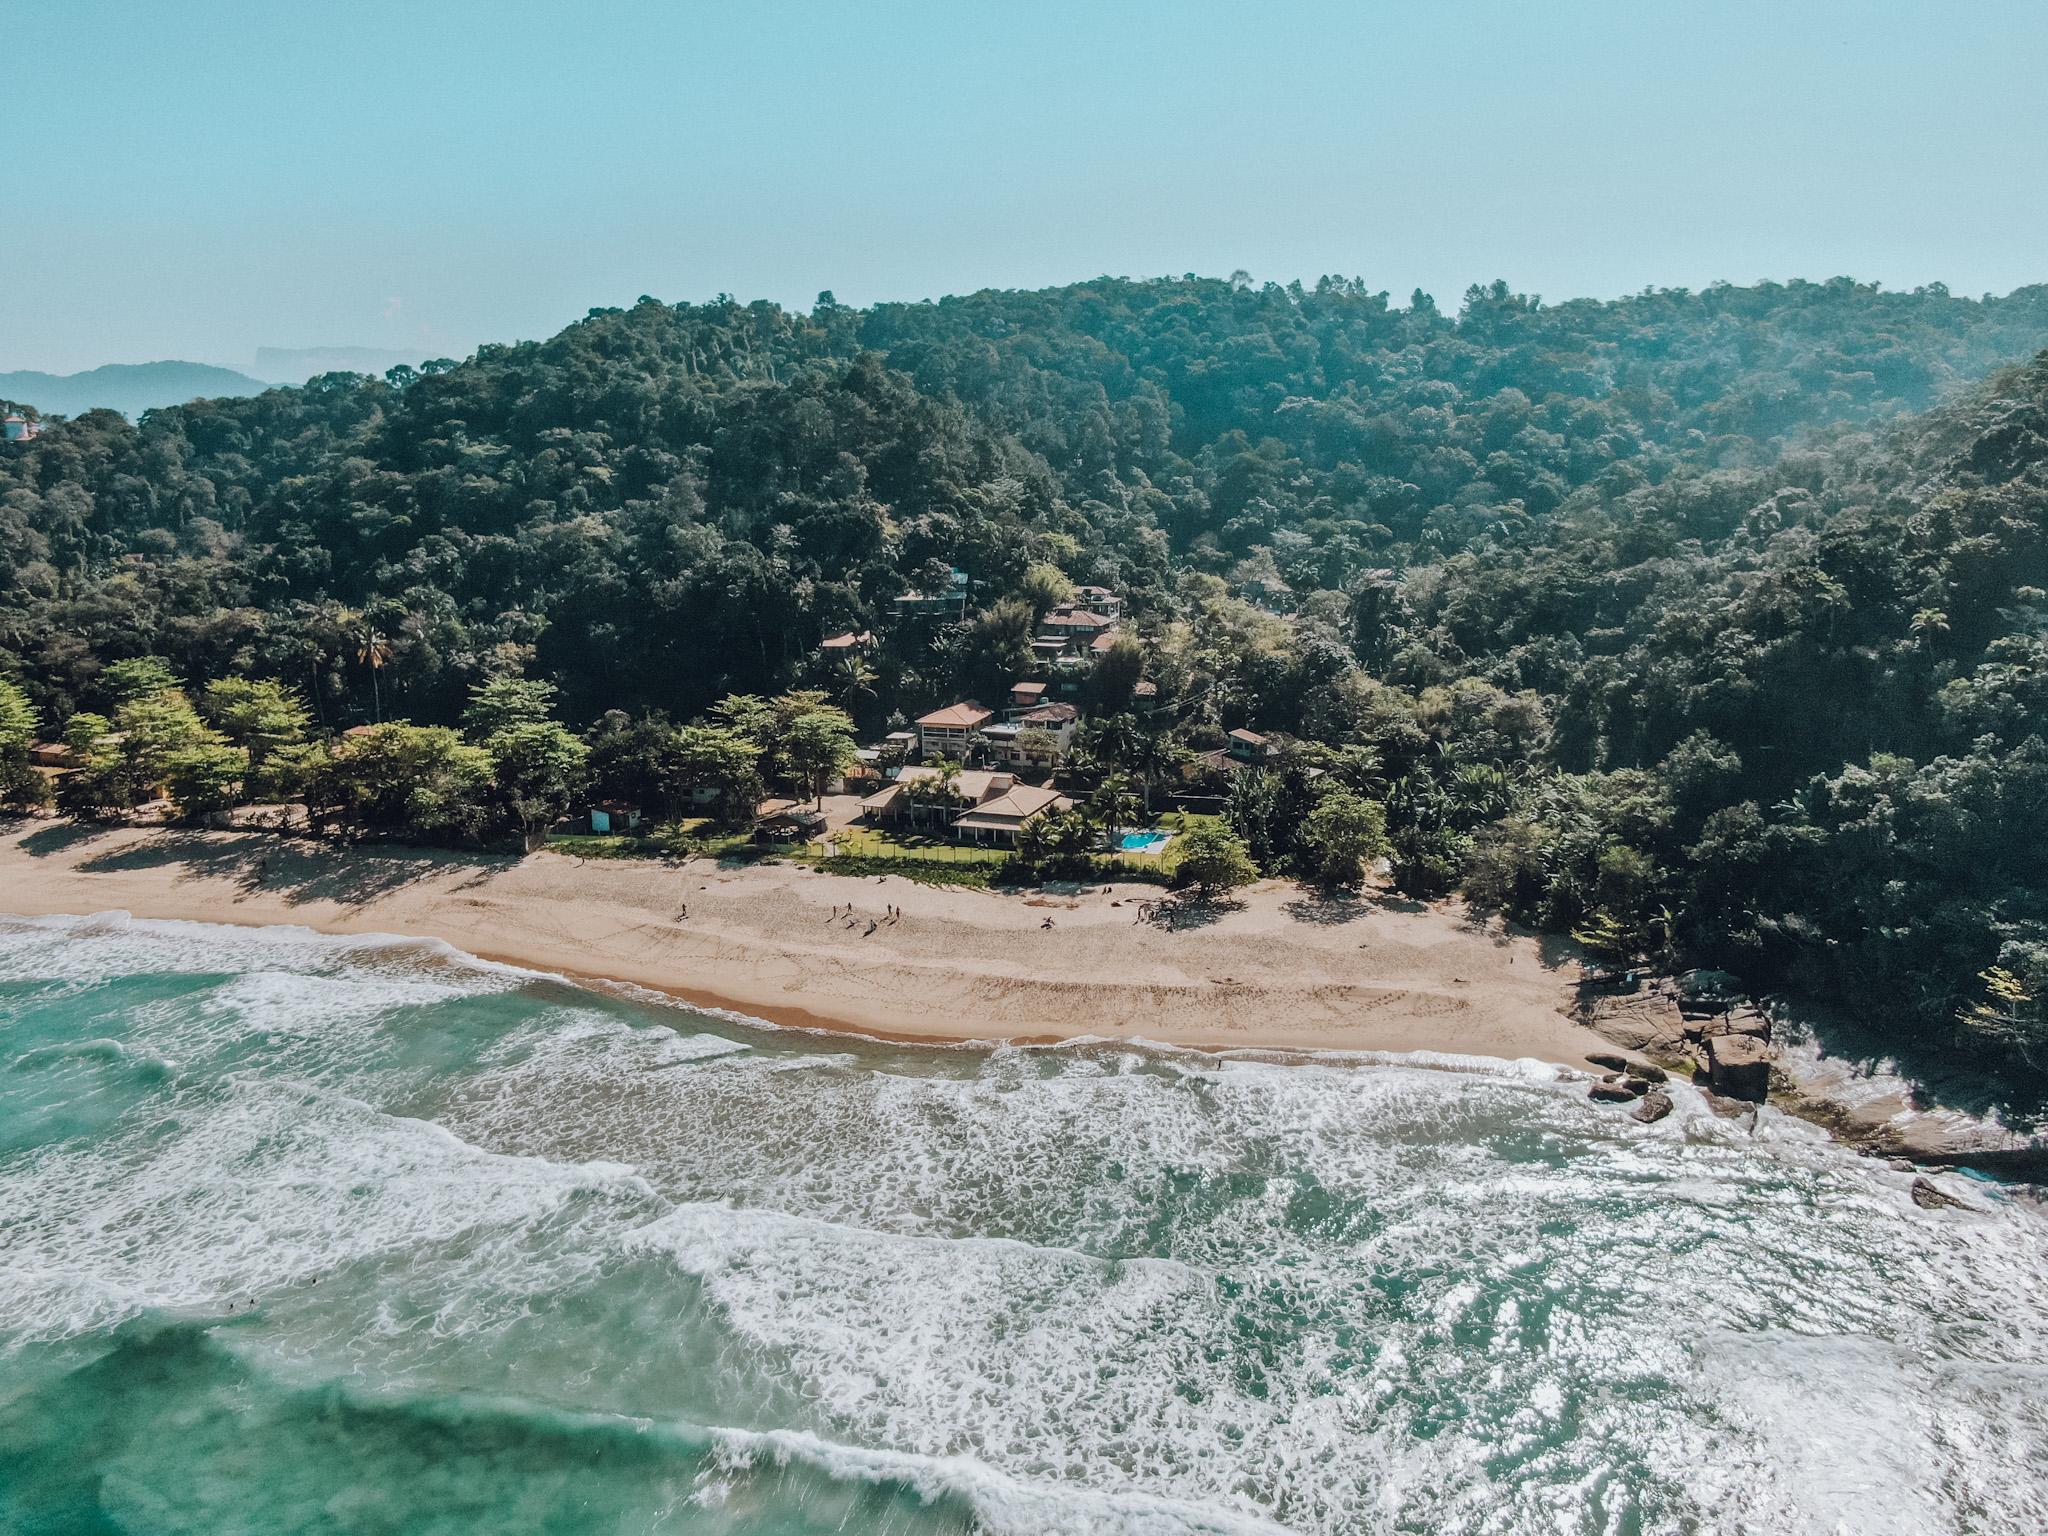 Vista da Praia Vermelha para o Chalé Manacá (Foto: Trip To Follow)